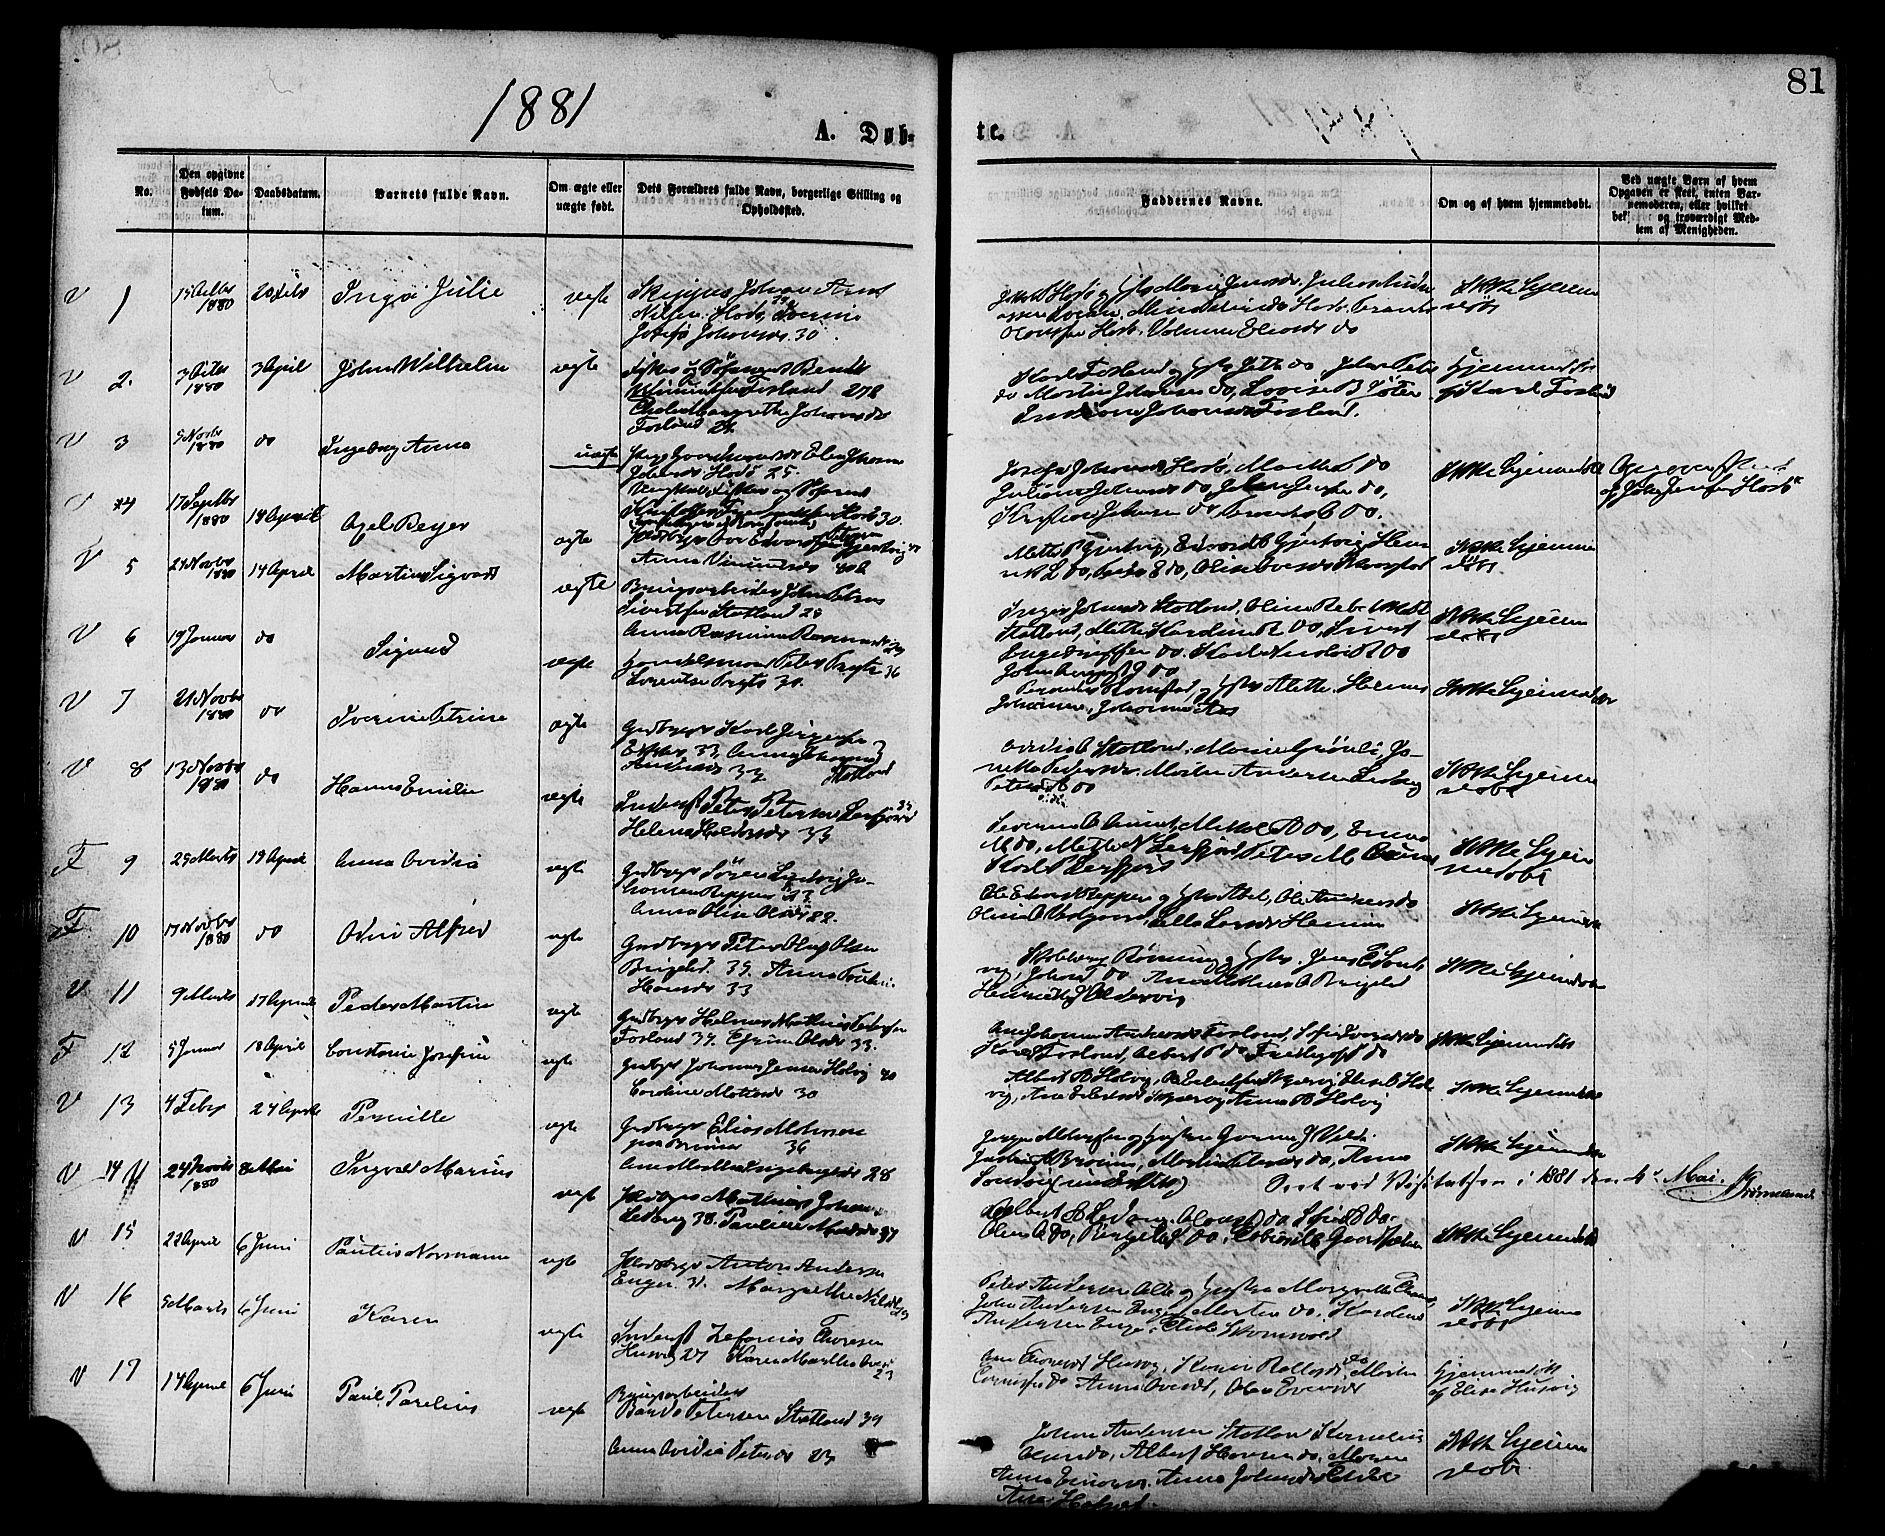 SAT, Ministerialprotokoller, klokkerbøker og fødselsregistre - Nord-Trøndelag, 773/L0616: Ministerialbok nr. 773A07, 1870-1887, s. 81